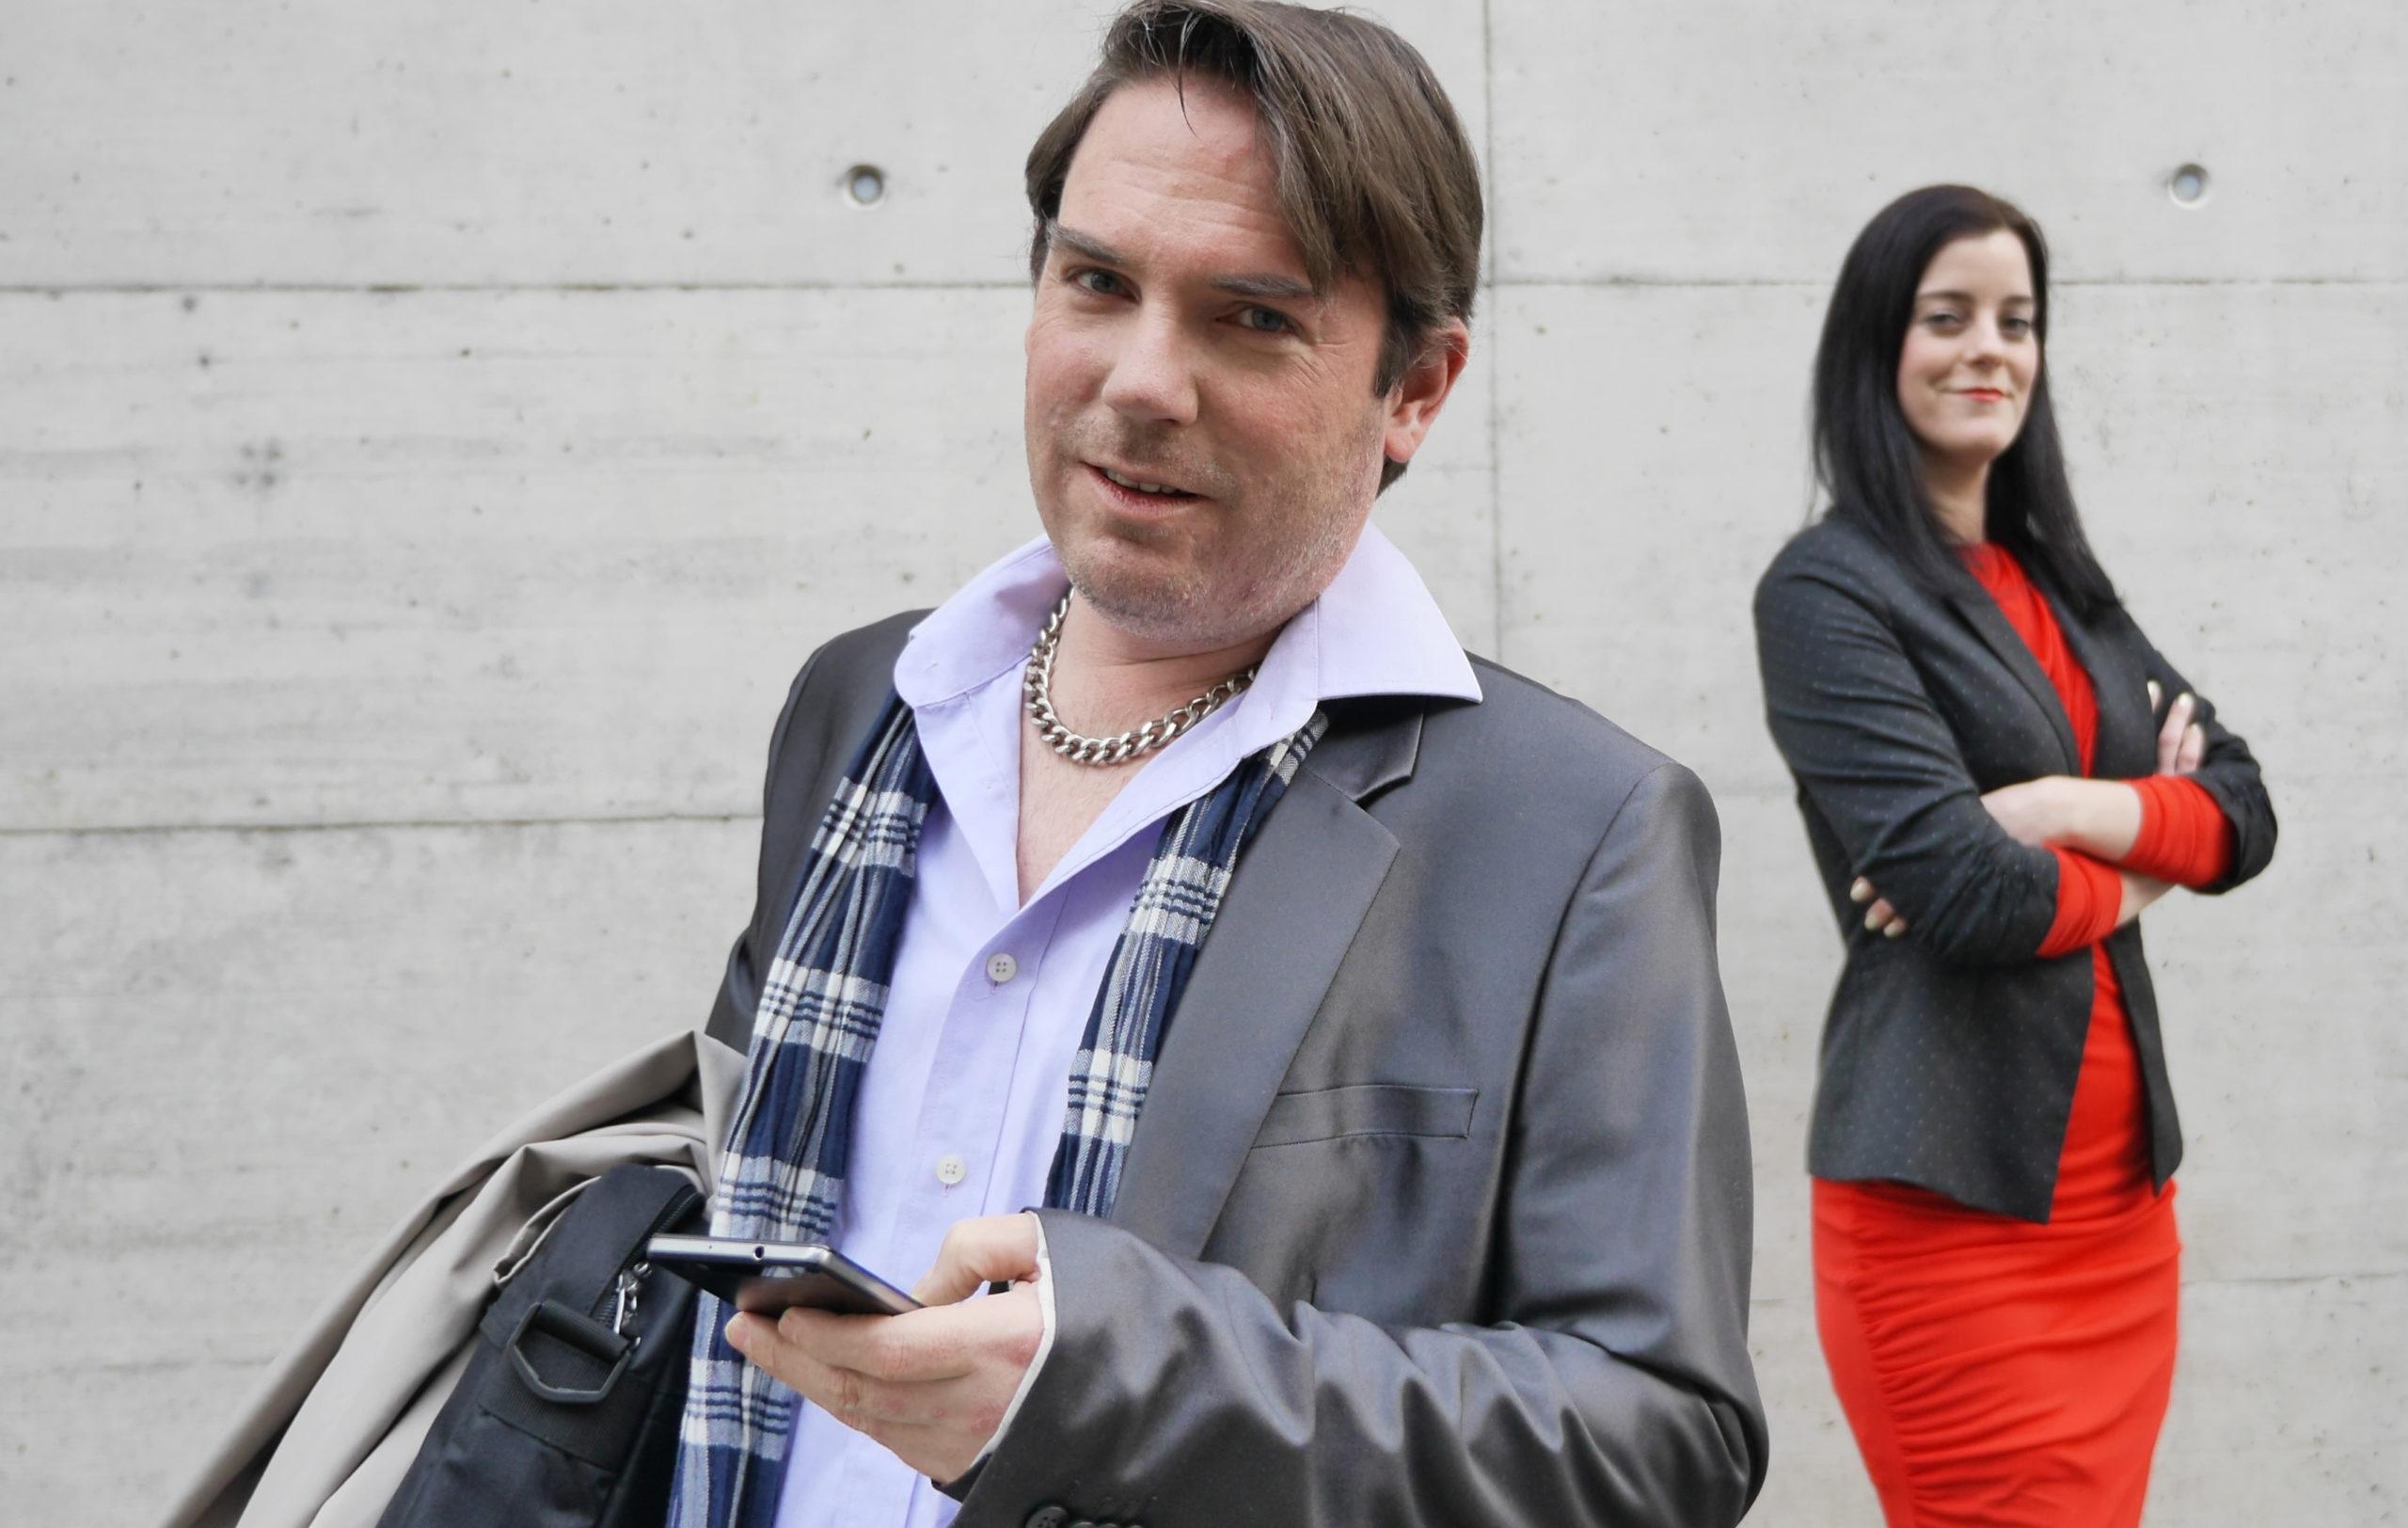 Mann am Handy im Vordergrund, Frau mit verschränkten Armen im Hintergrund